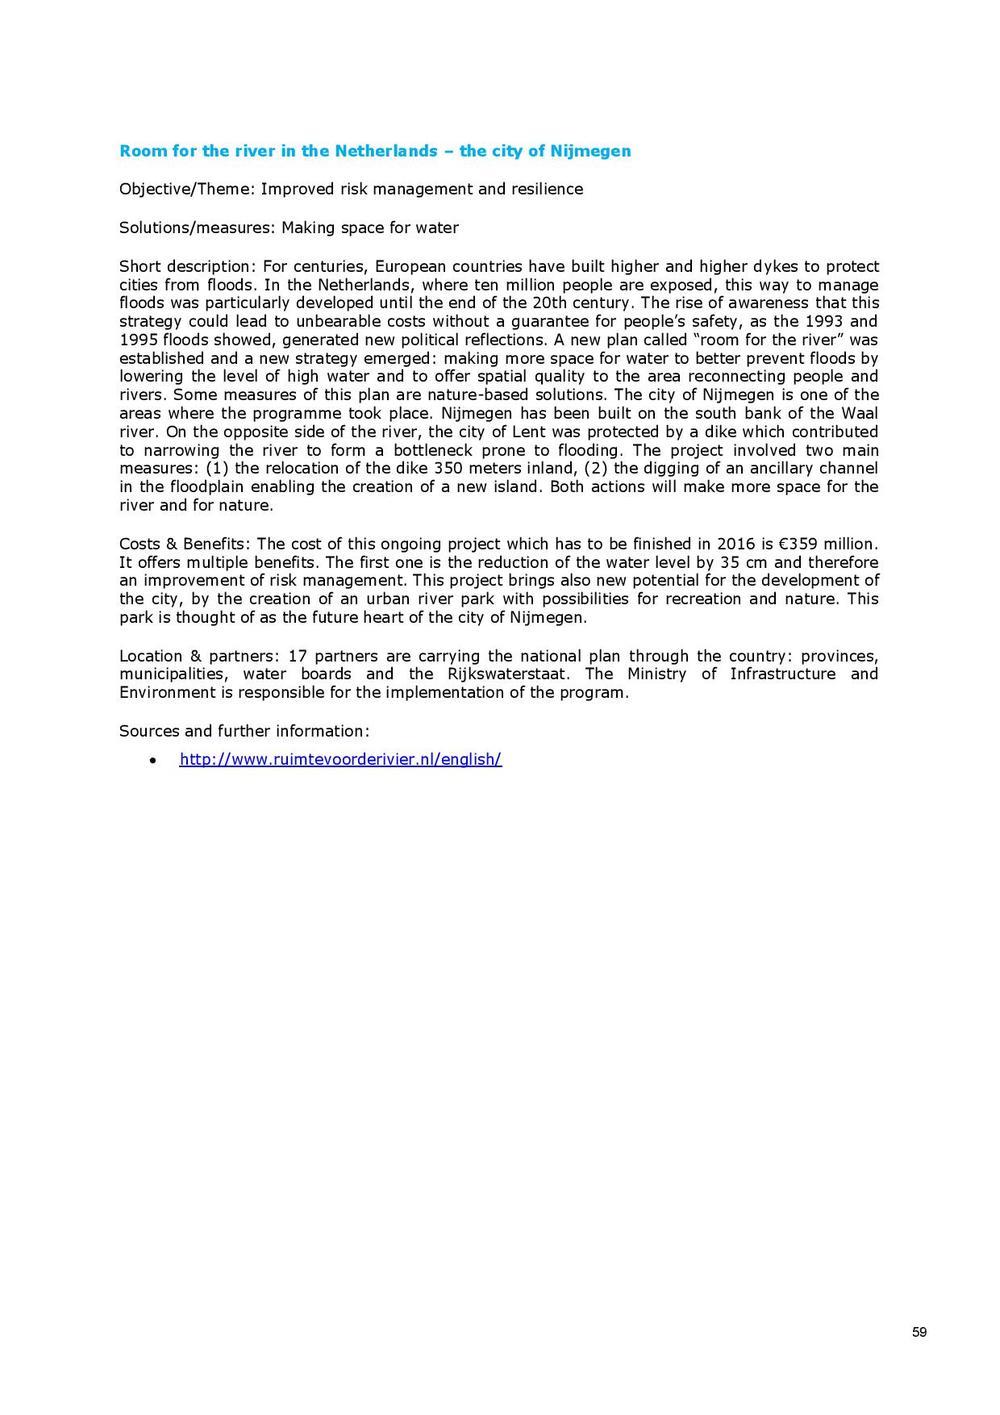 DG RTD_WEB-Publication A4_NBS_long_version_20150310-page-061.jpg